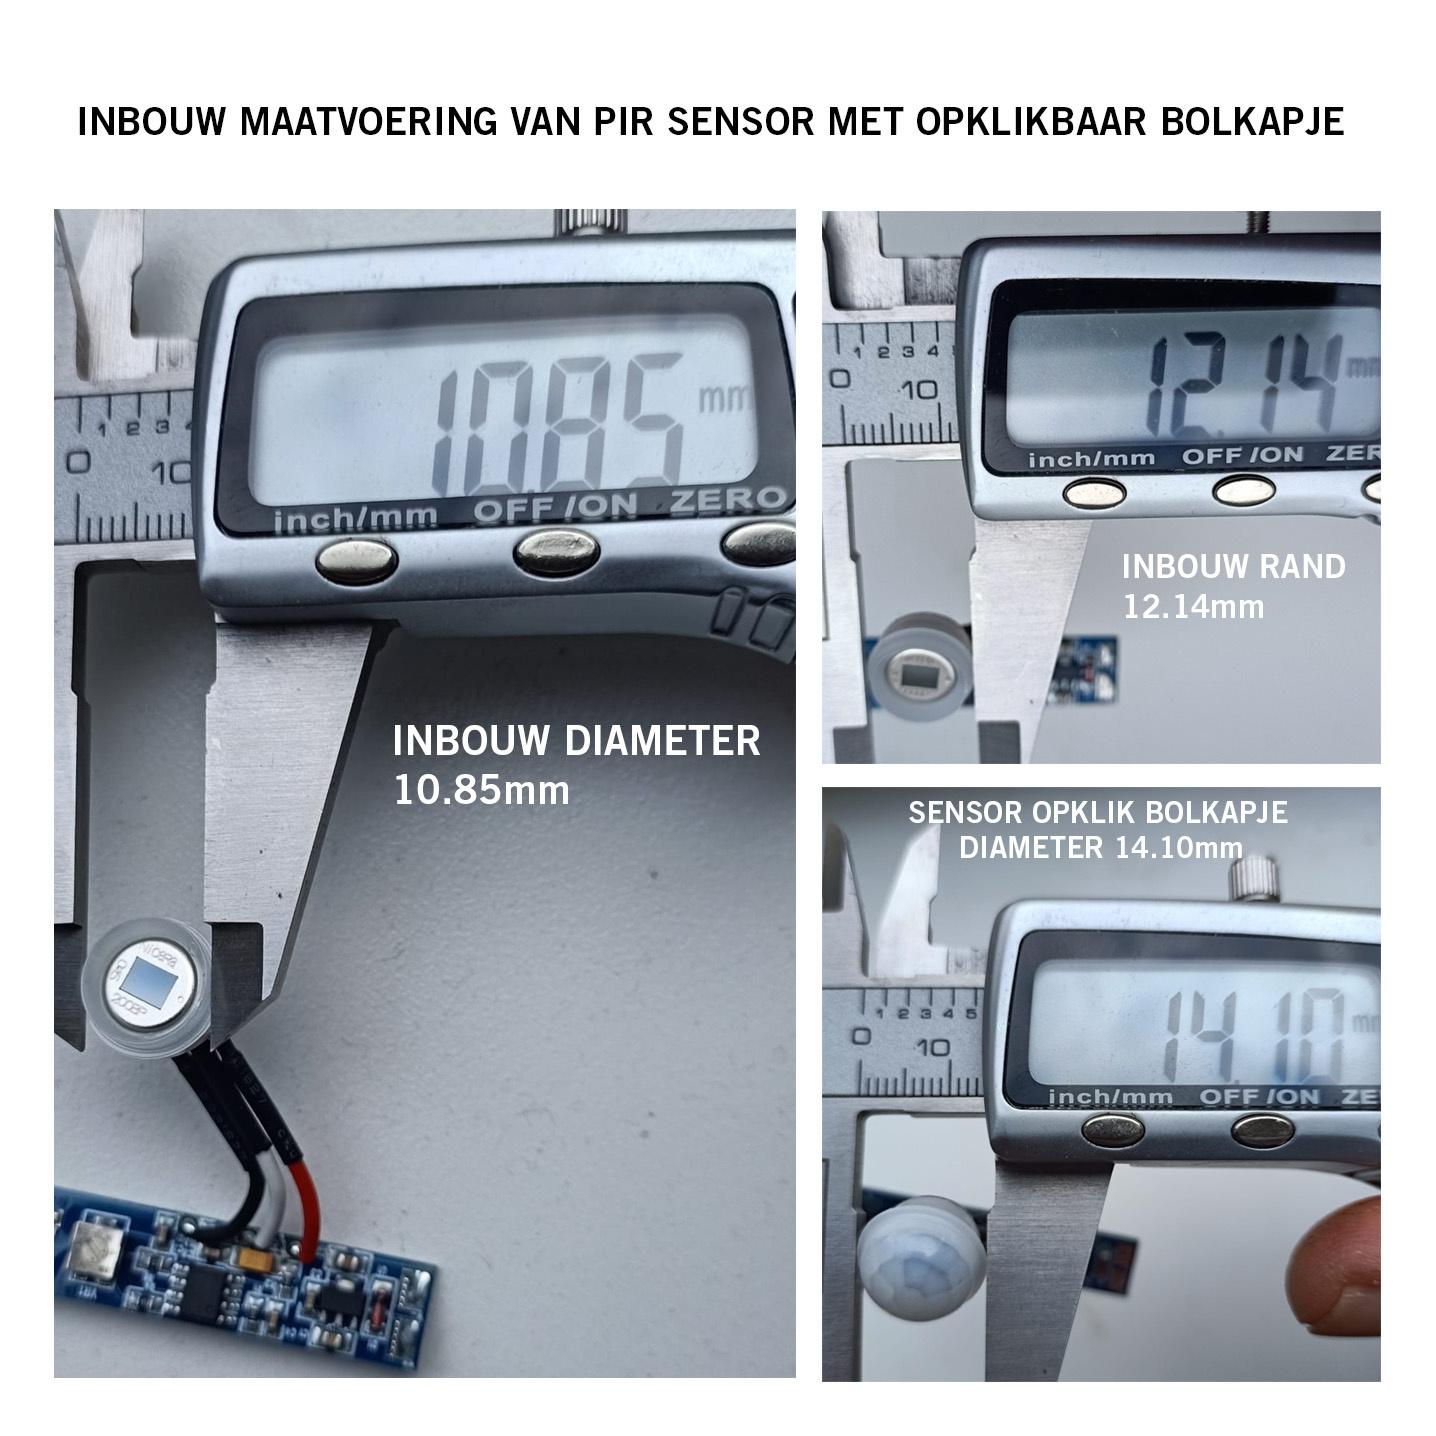 LED PIR bewegingssensor <=2m | 6~70s | 8A 12V-24V | inbouw ledprofiel